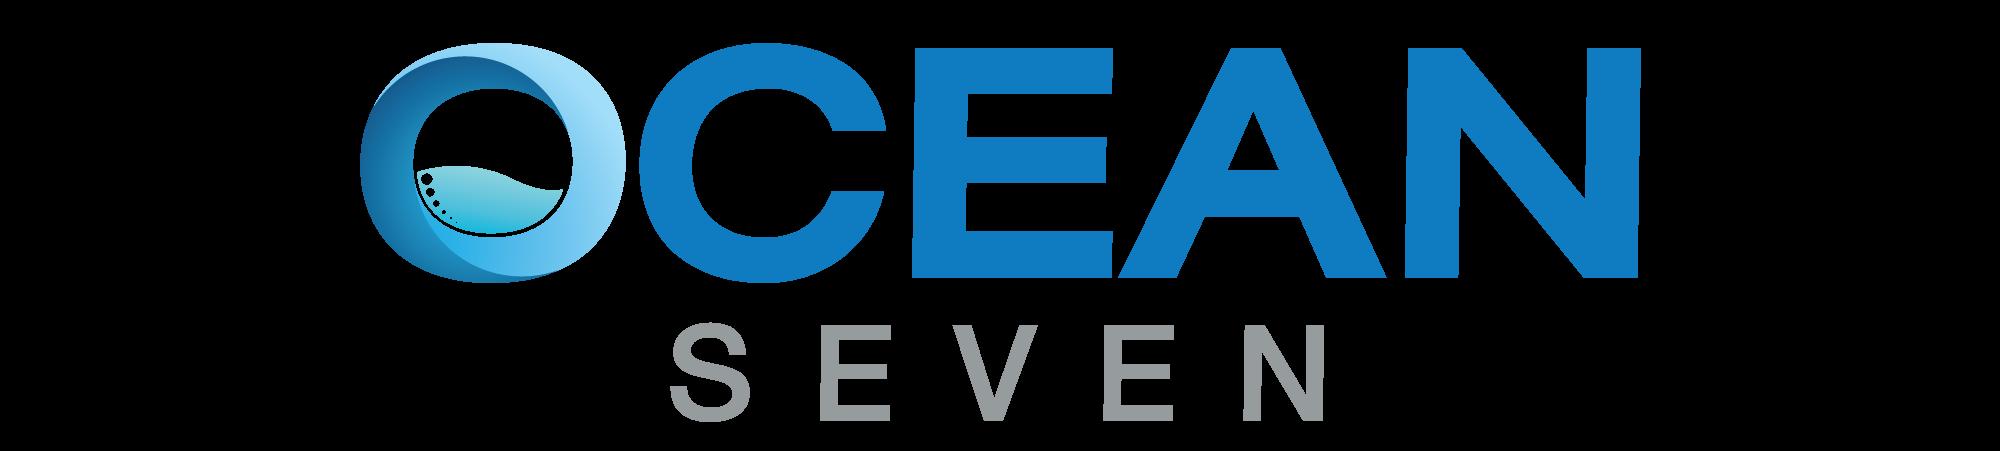 Ocean-seven